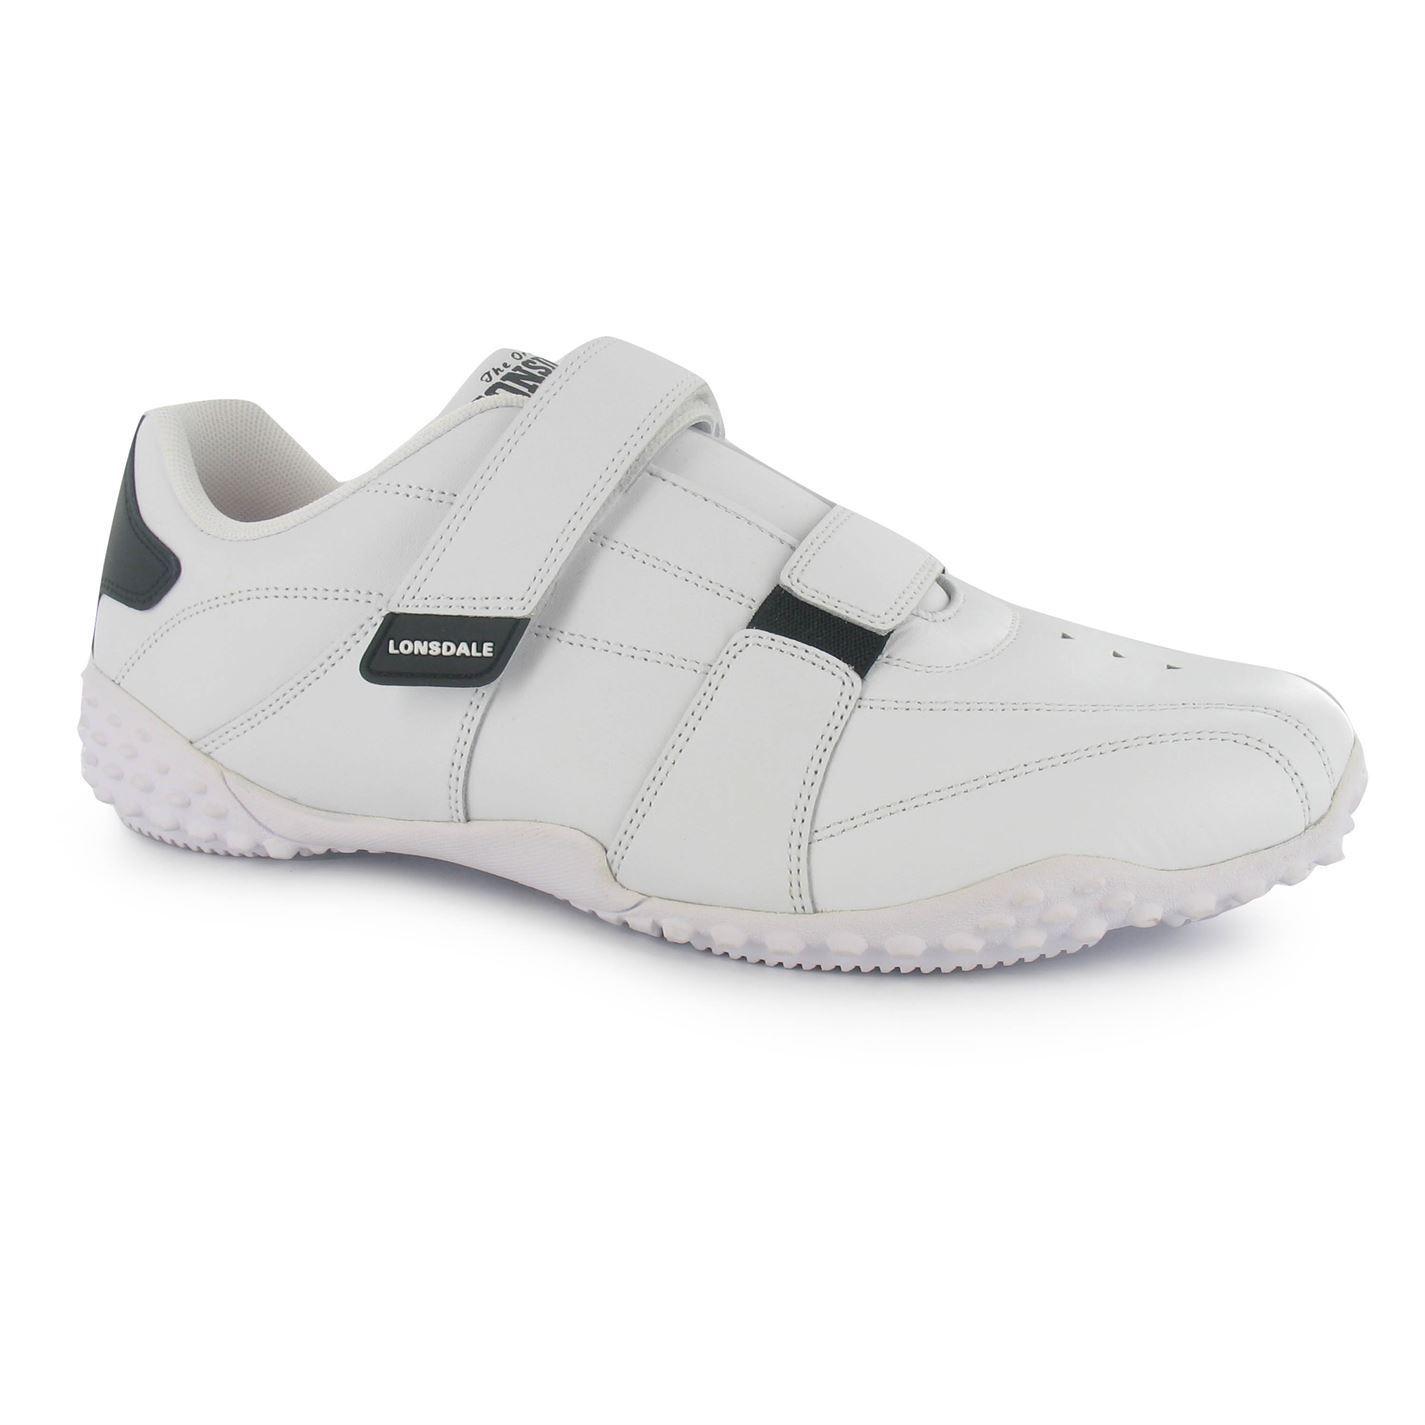 Lonsdale Fulham Zapatillas hombre para hombre Zapatillas Blanco/Negro Informal Tenis Zapatos Calzado 52a135